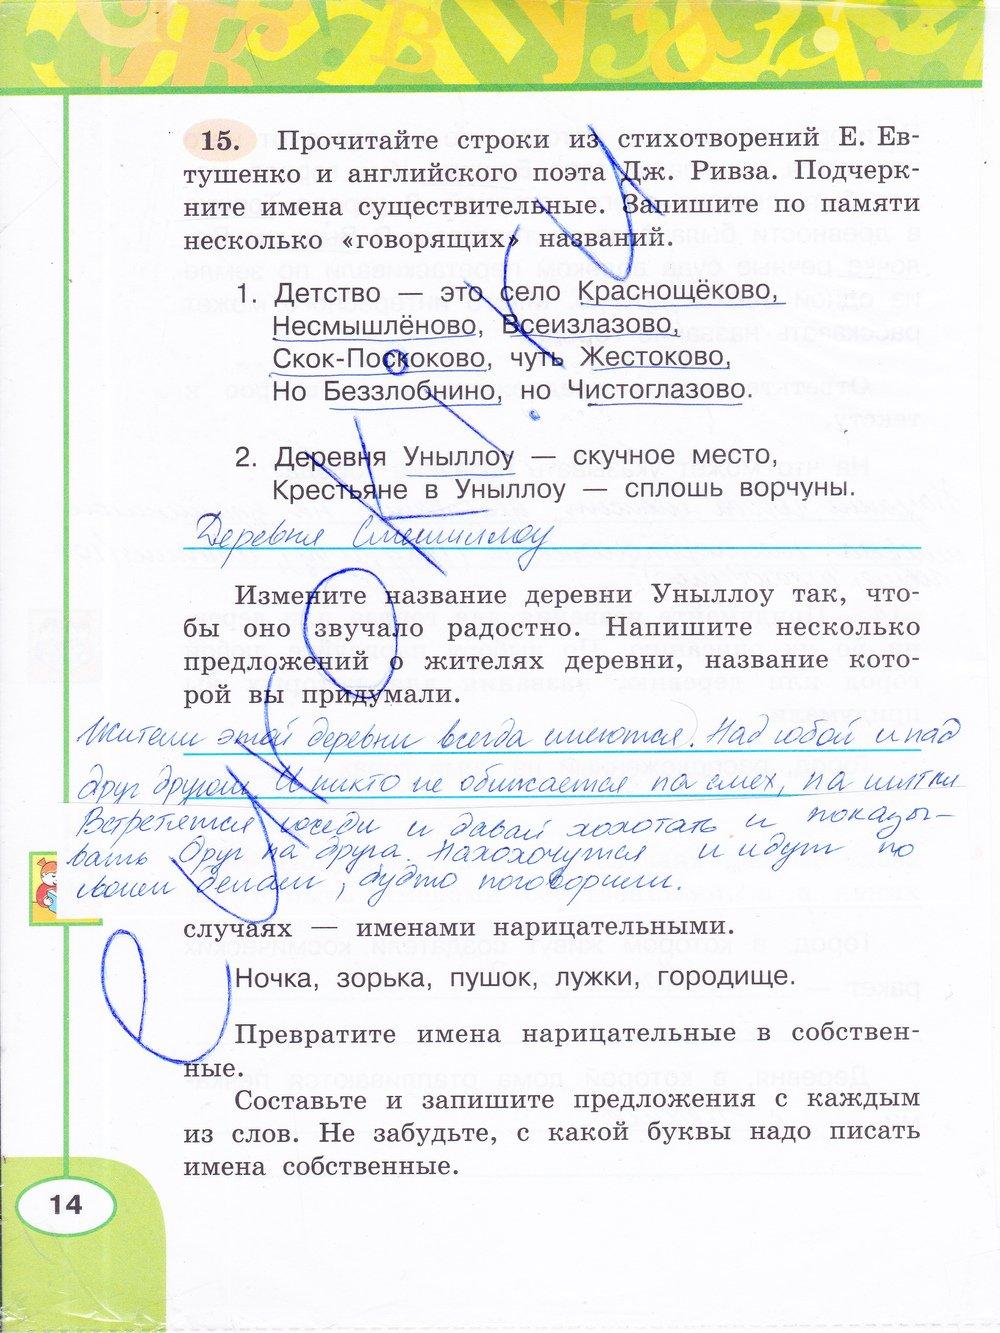 Решебник По Русскому 3 Класс 1 Часть Климанова Бабушкина